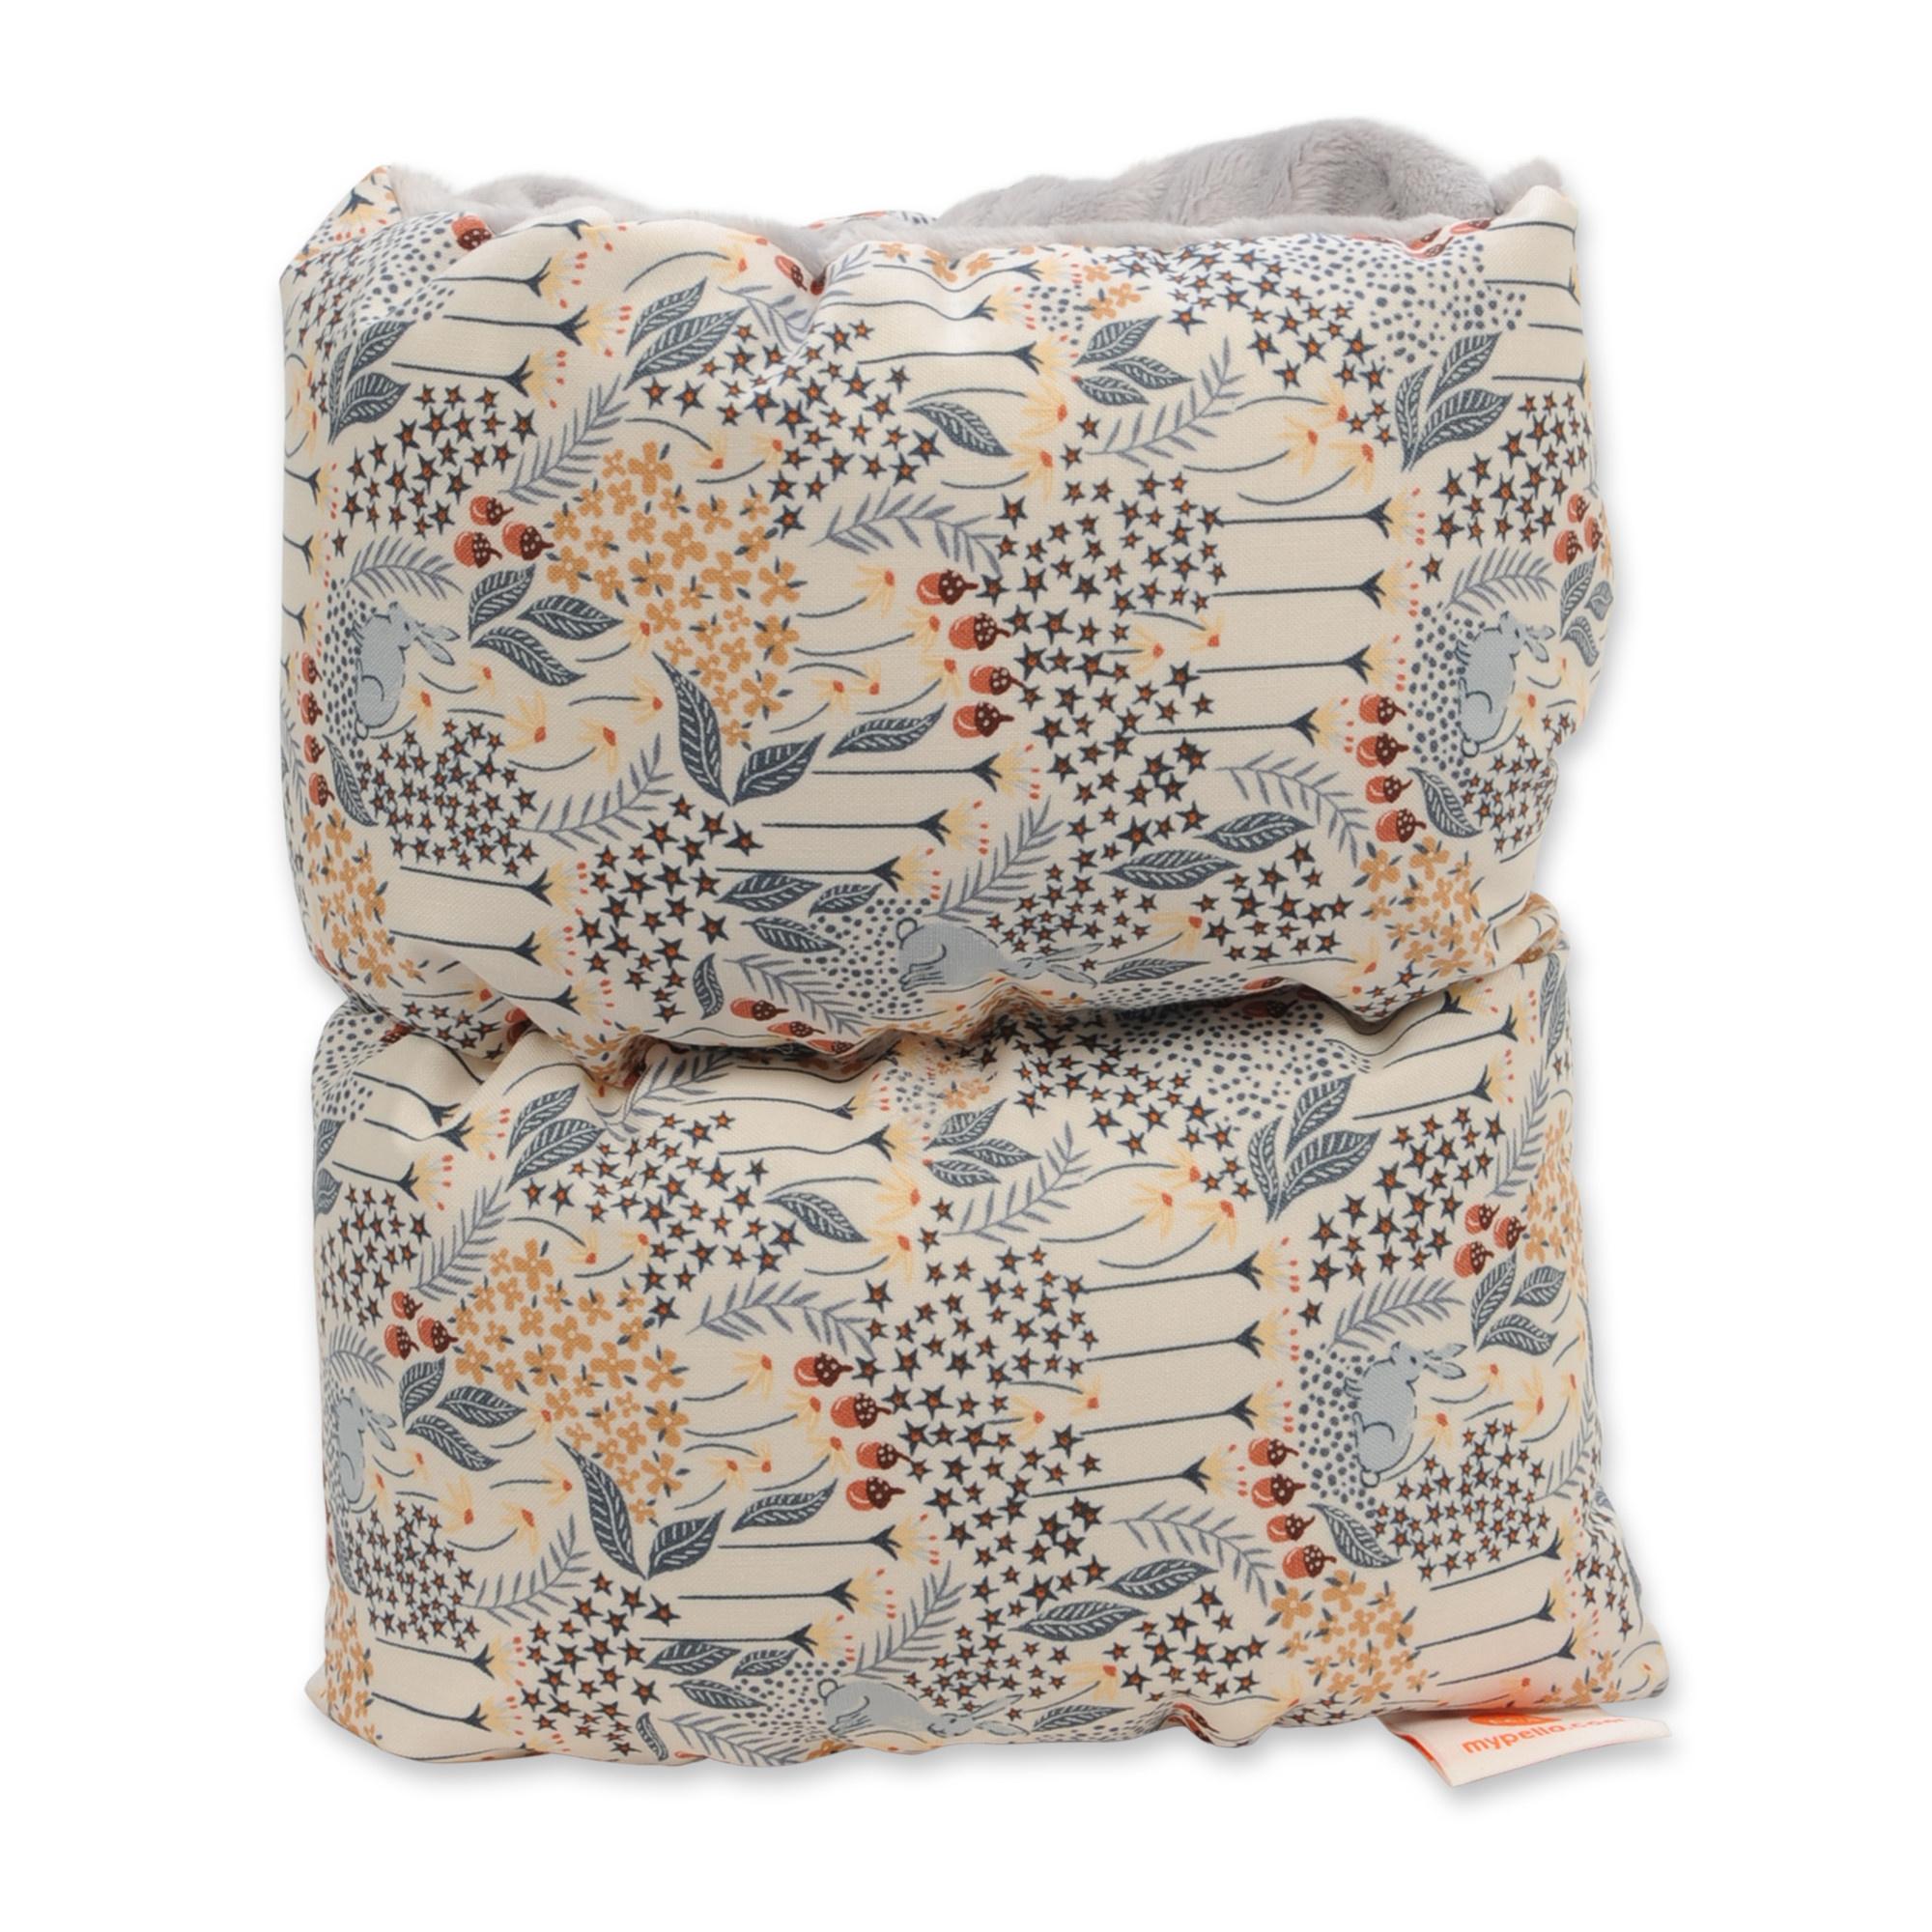 Pello Pello Comfy Craddle Nursing pillow Lane Light Gray